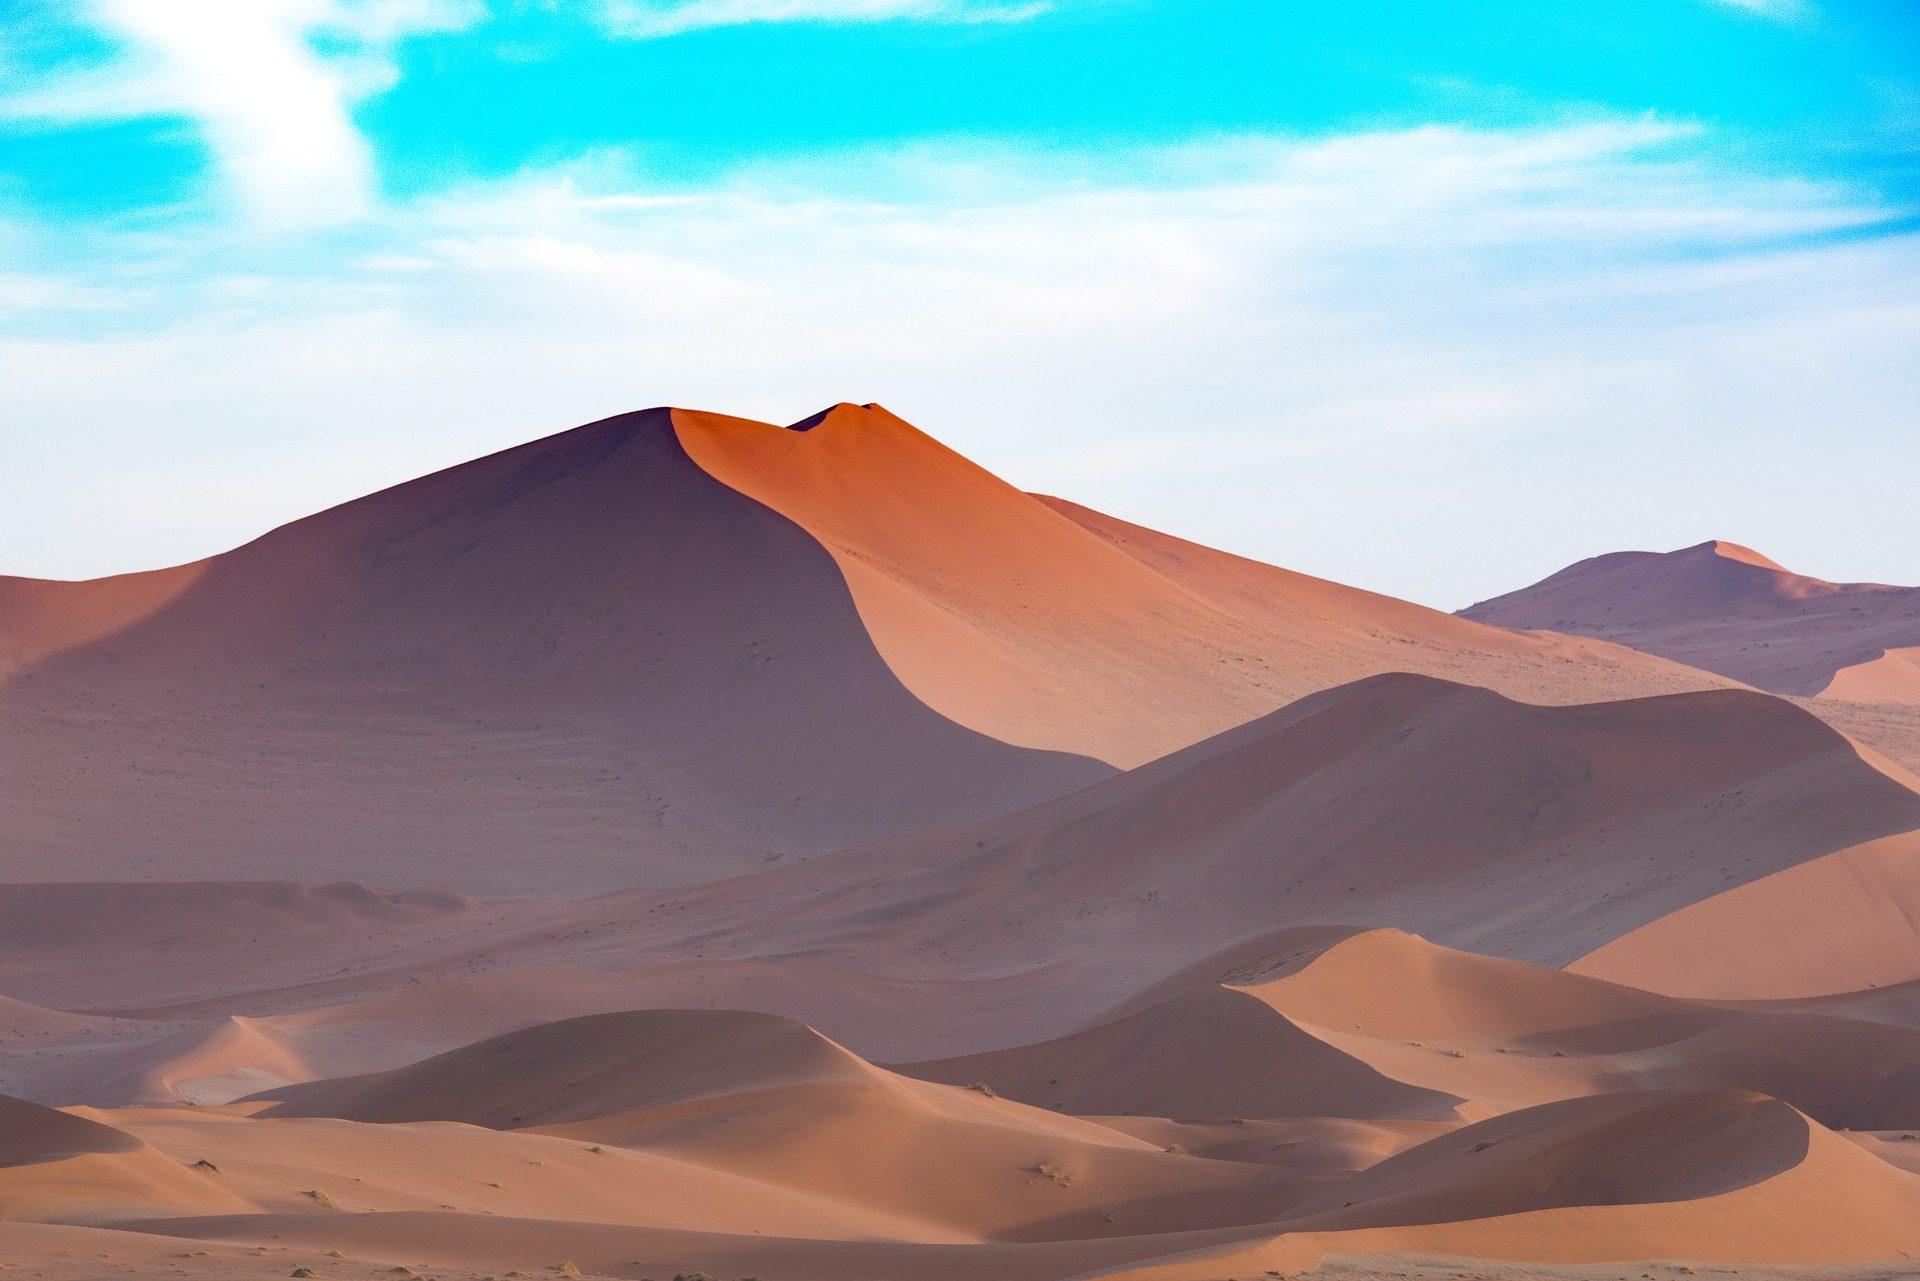 沙漠, 沙子, 索莱达, 干旱, 天空, 纳米比亚 - 高清壁纸 - 教授-falken.com